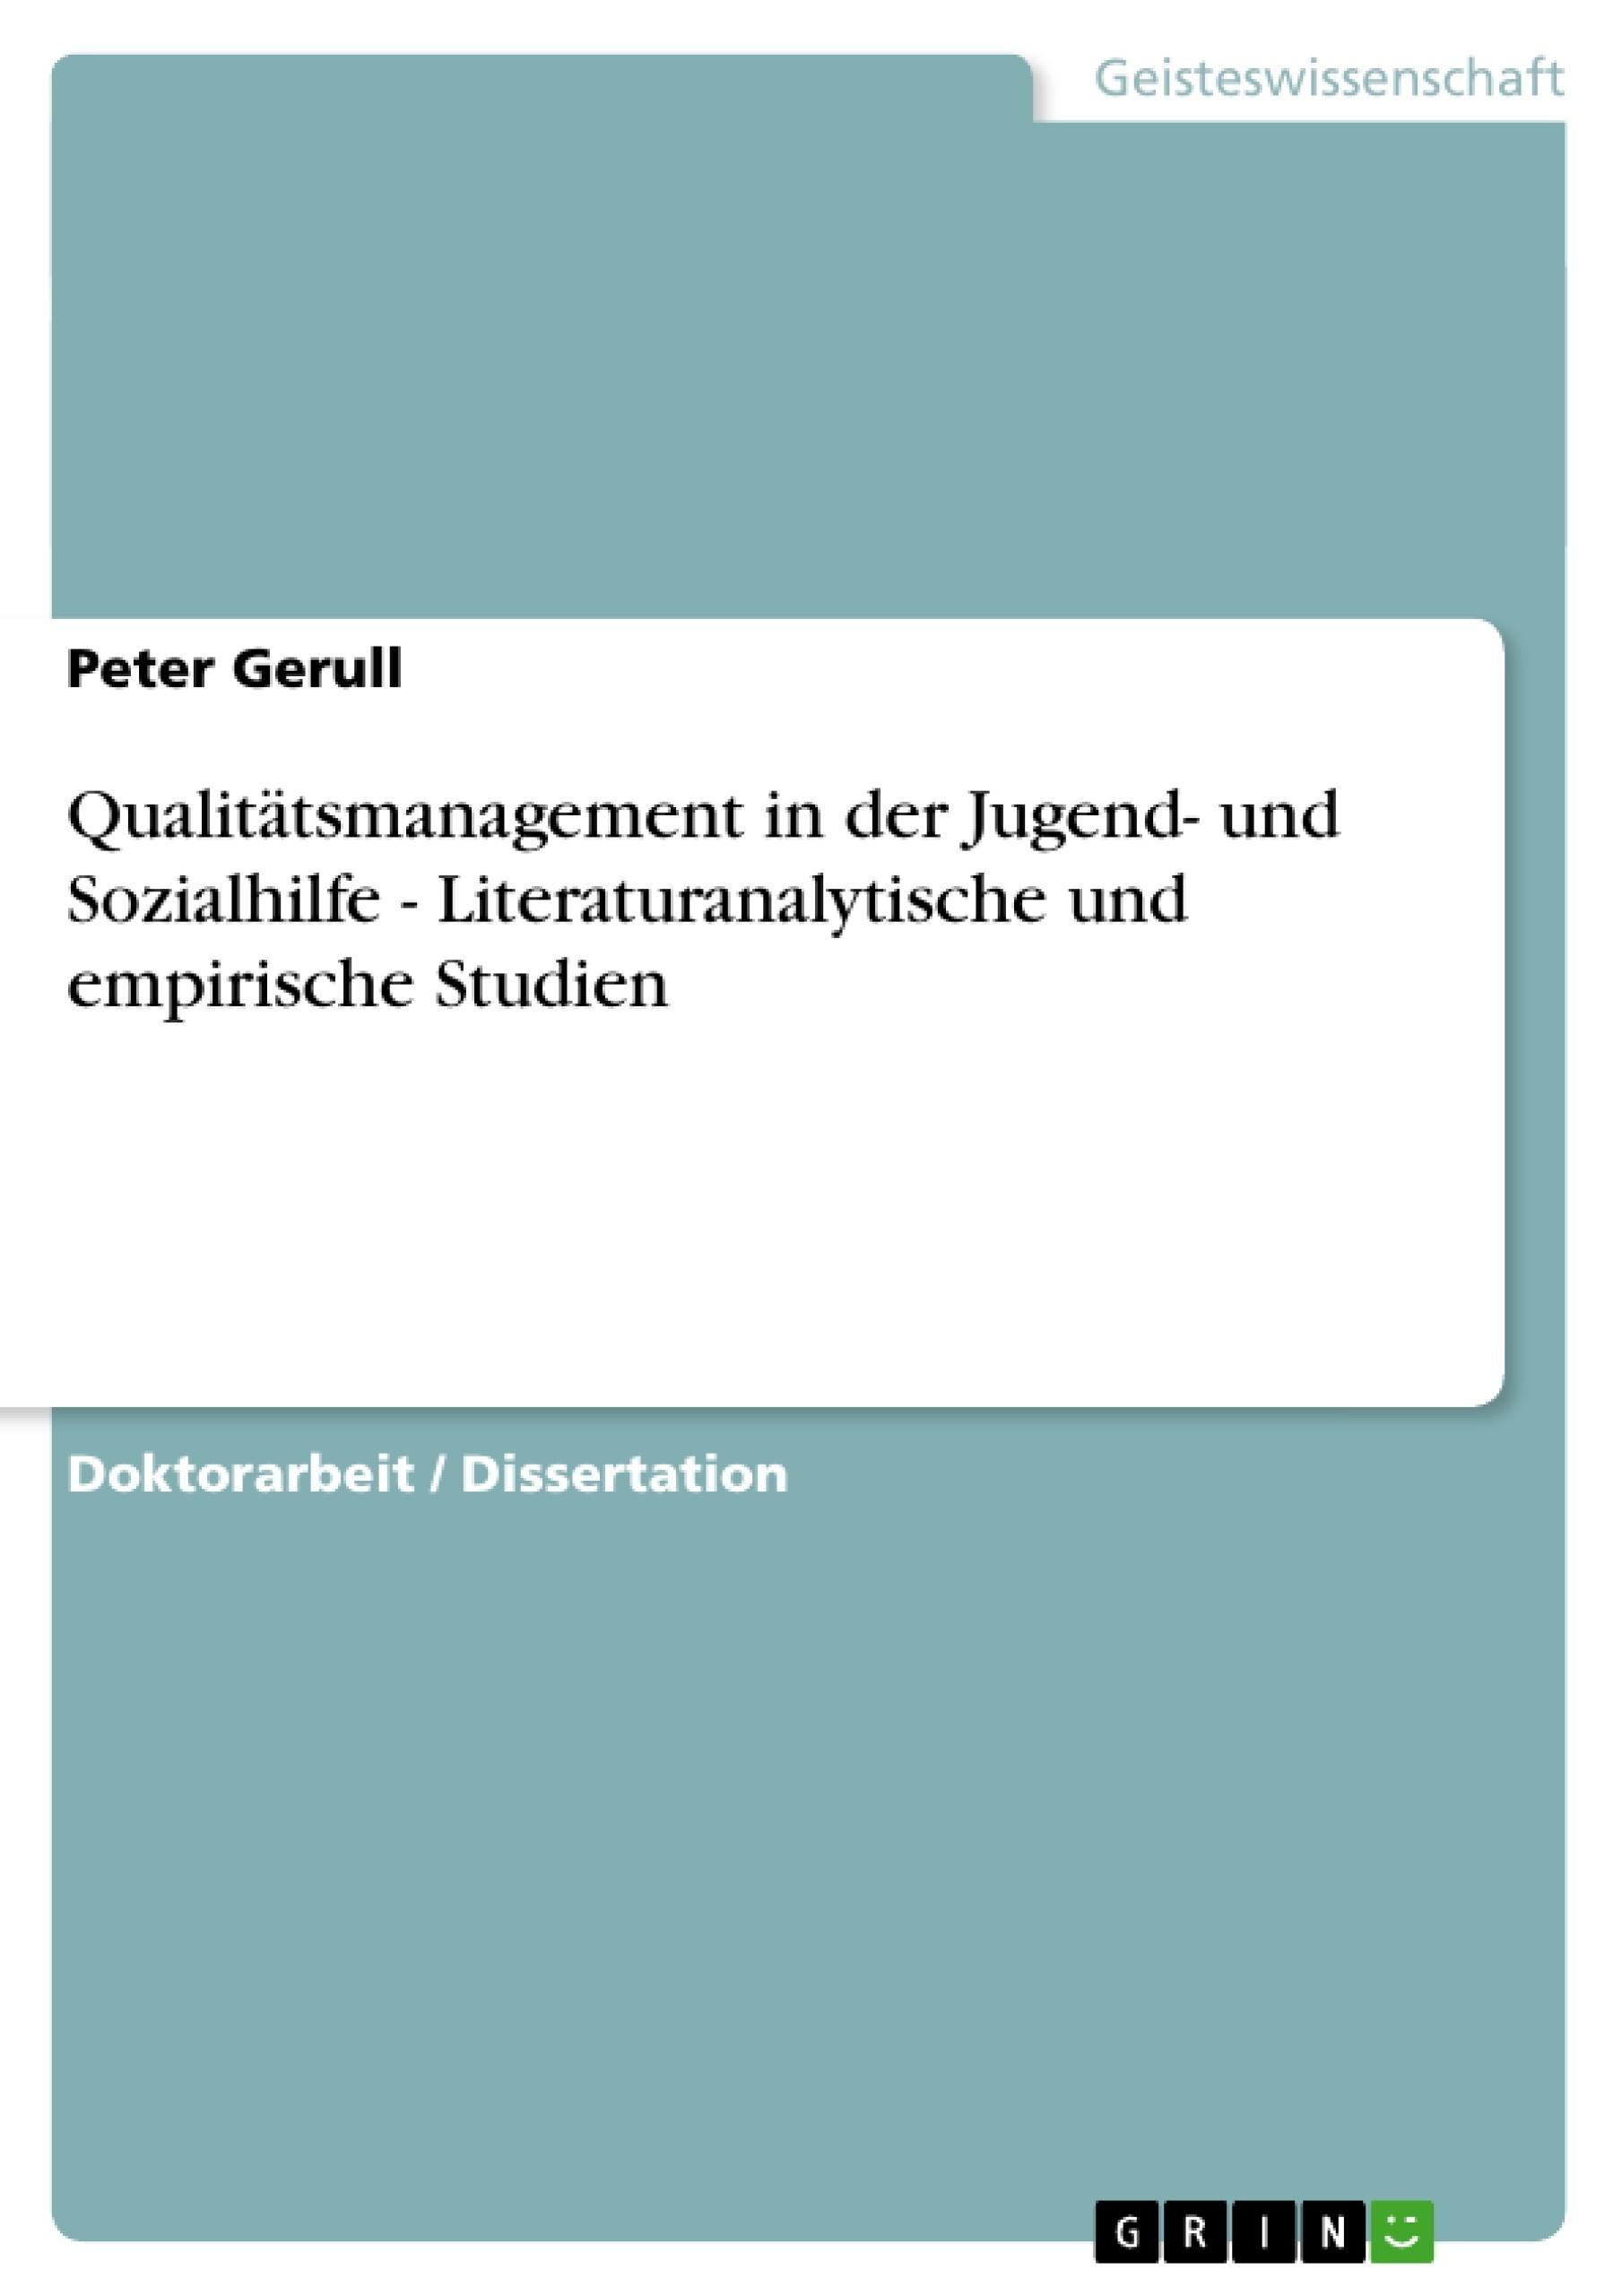 Titel: Qualitätsmanagement in der Jugend- und Sozialhilfe - Literaturanalytische und empirische Studien